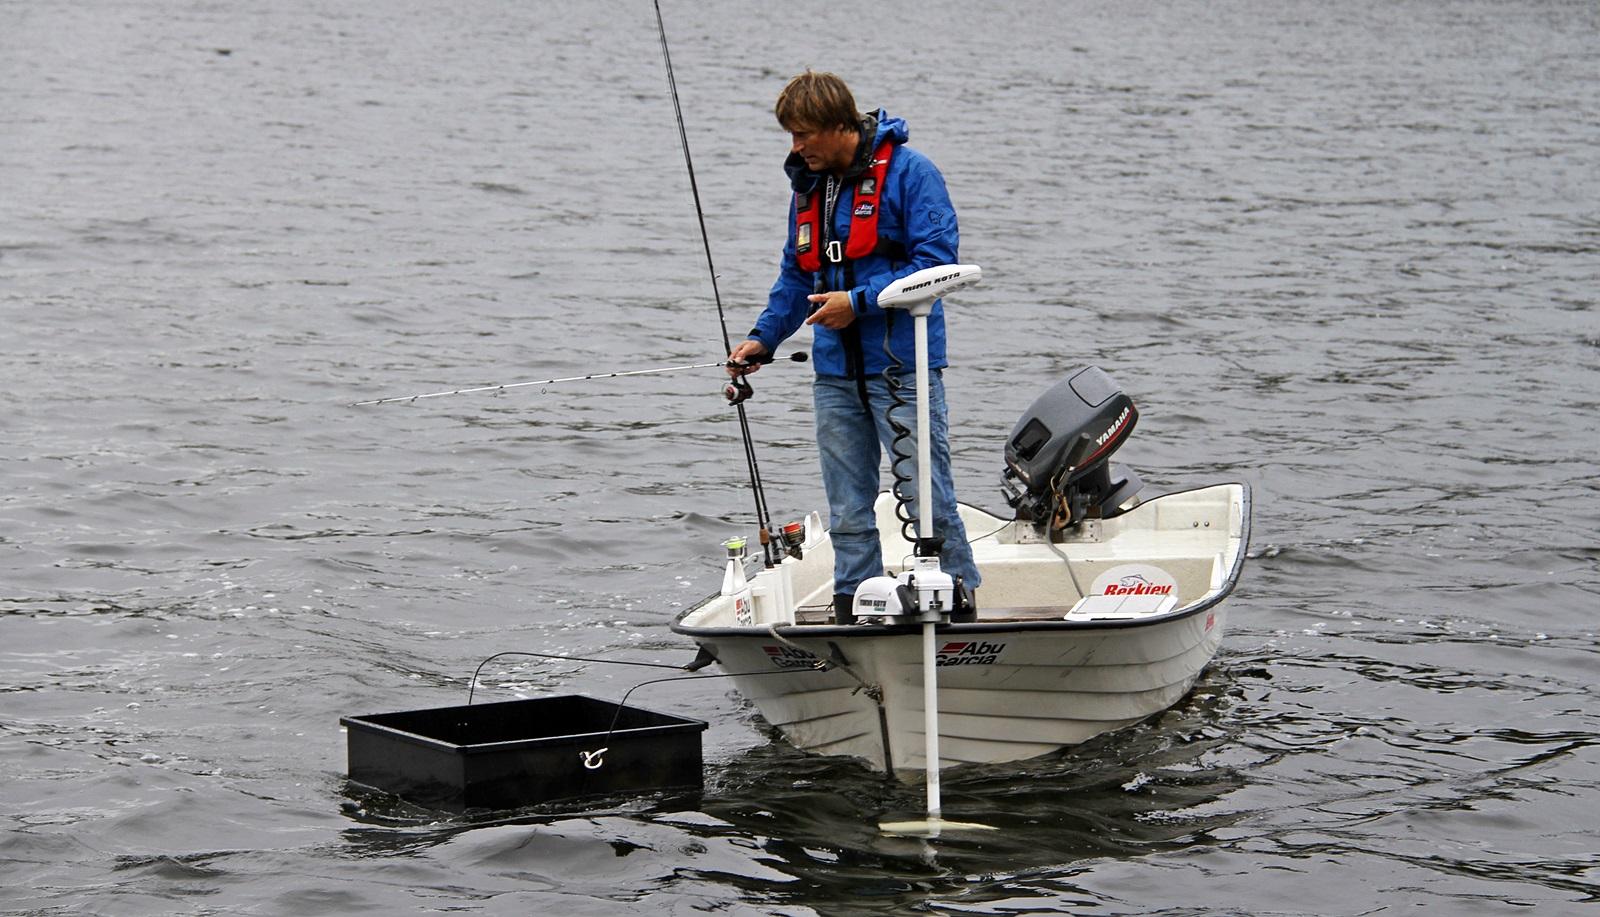 det finnes også et vannkikkebrett for båt